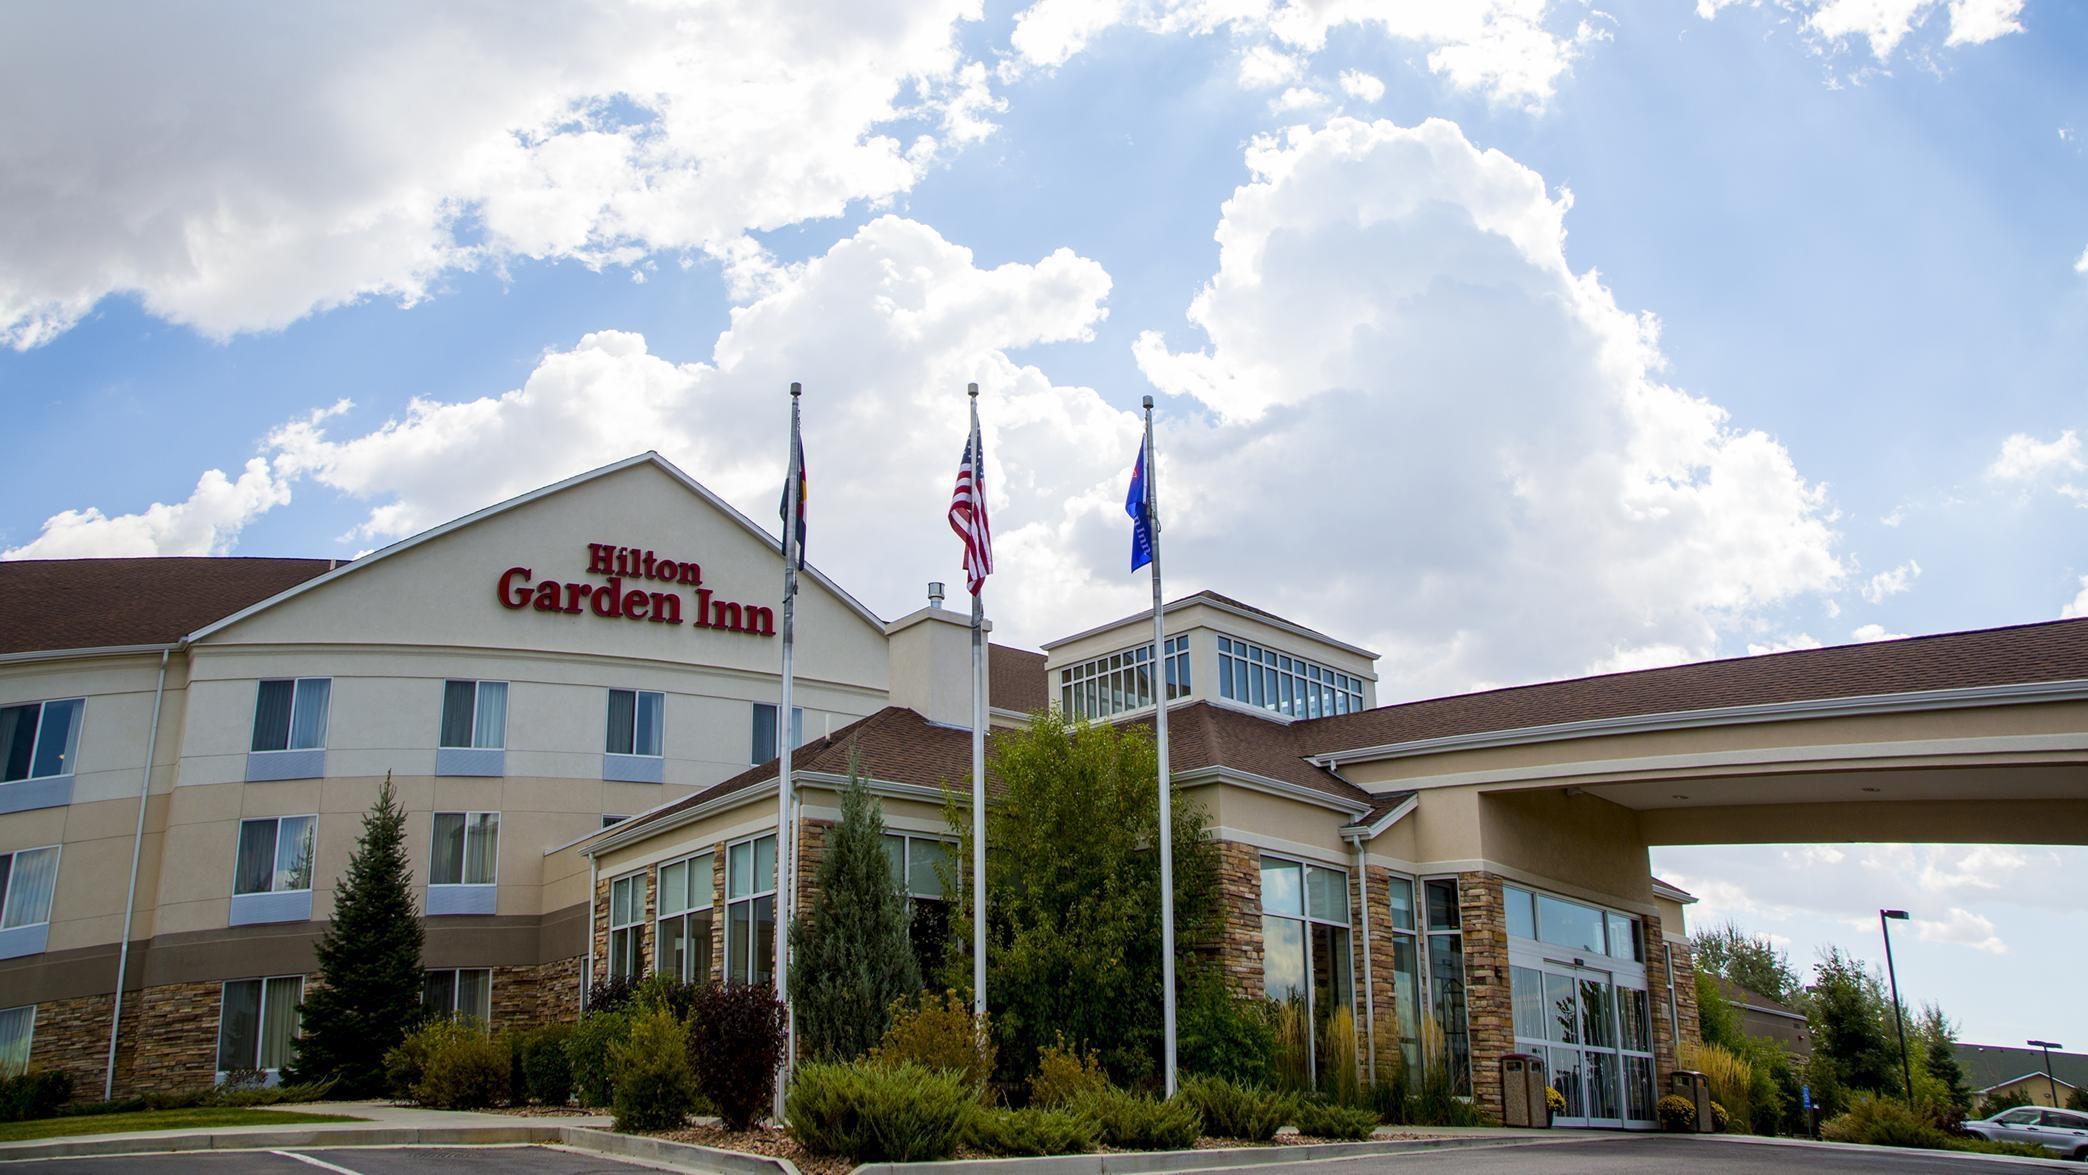 Hilton Garden Inn Colorado Springs Airport image 2